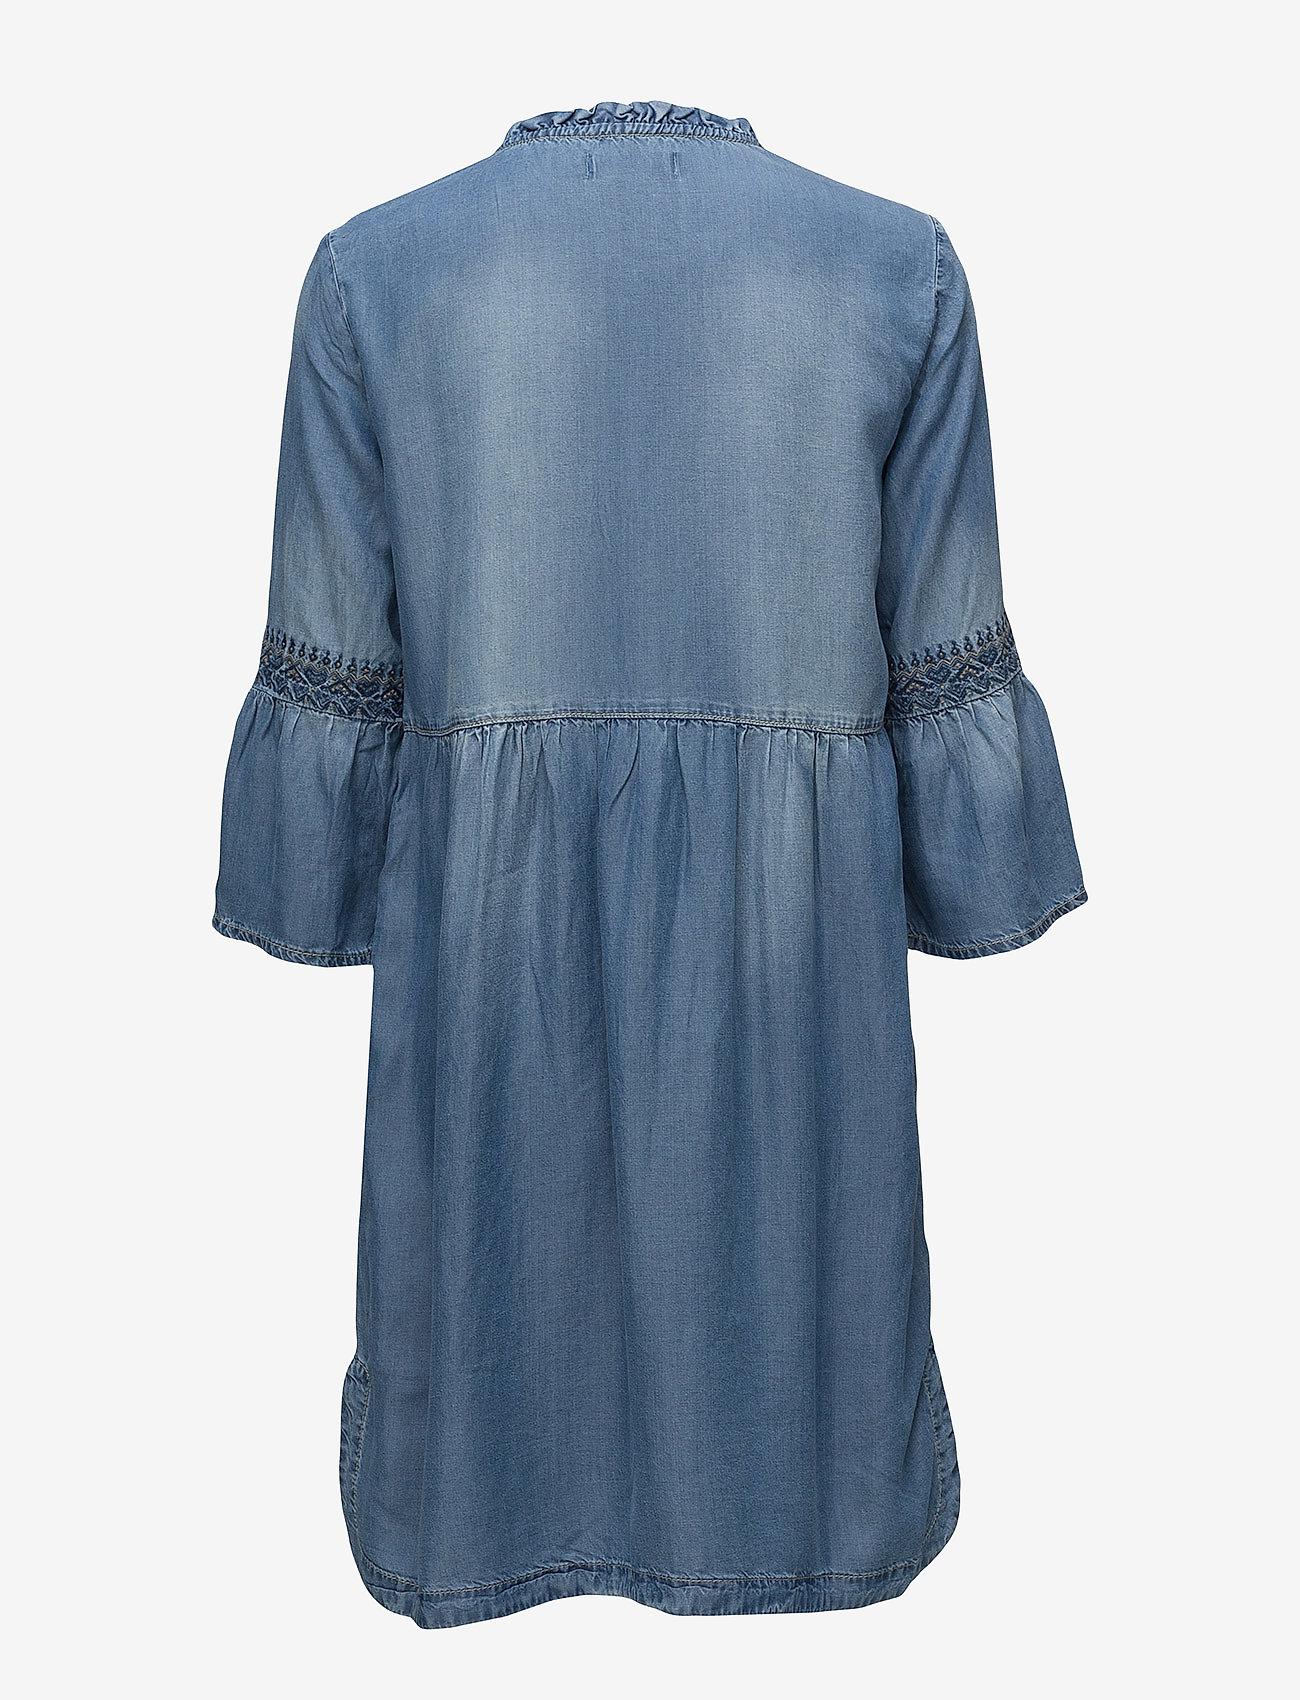 Cream Lussa Denim Dress - Dresses